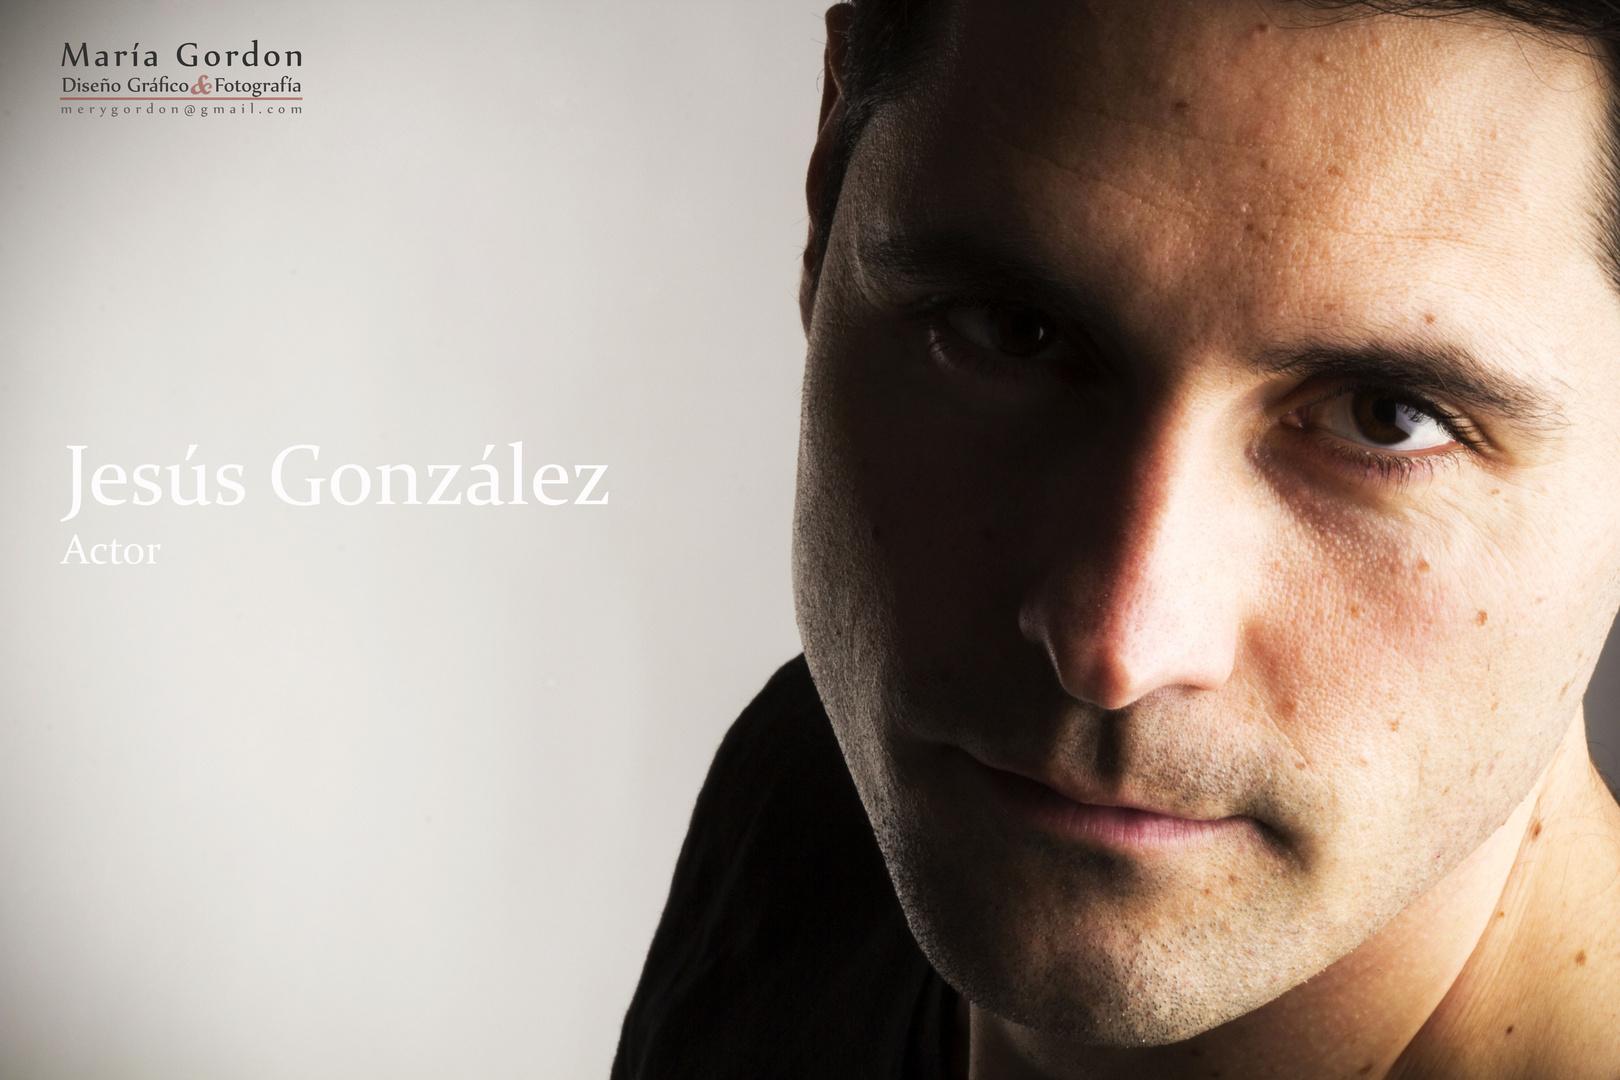 Jesús González - Actor - Book fotográfico